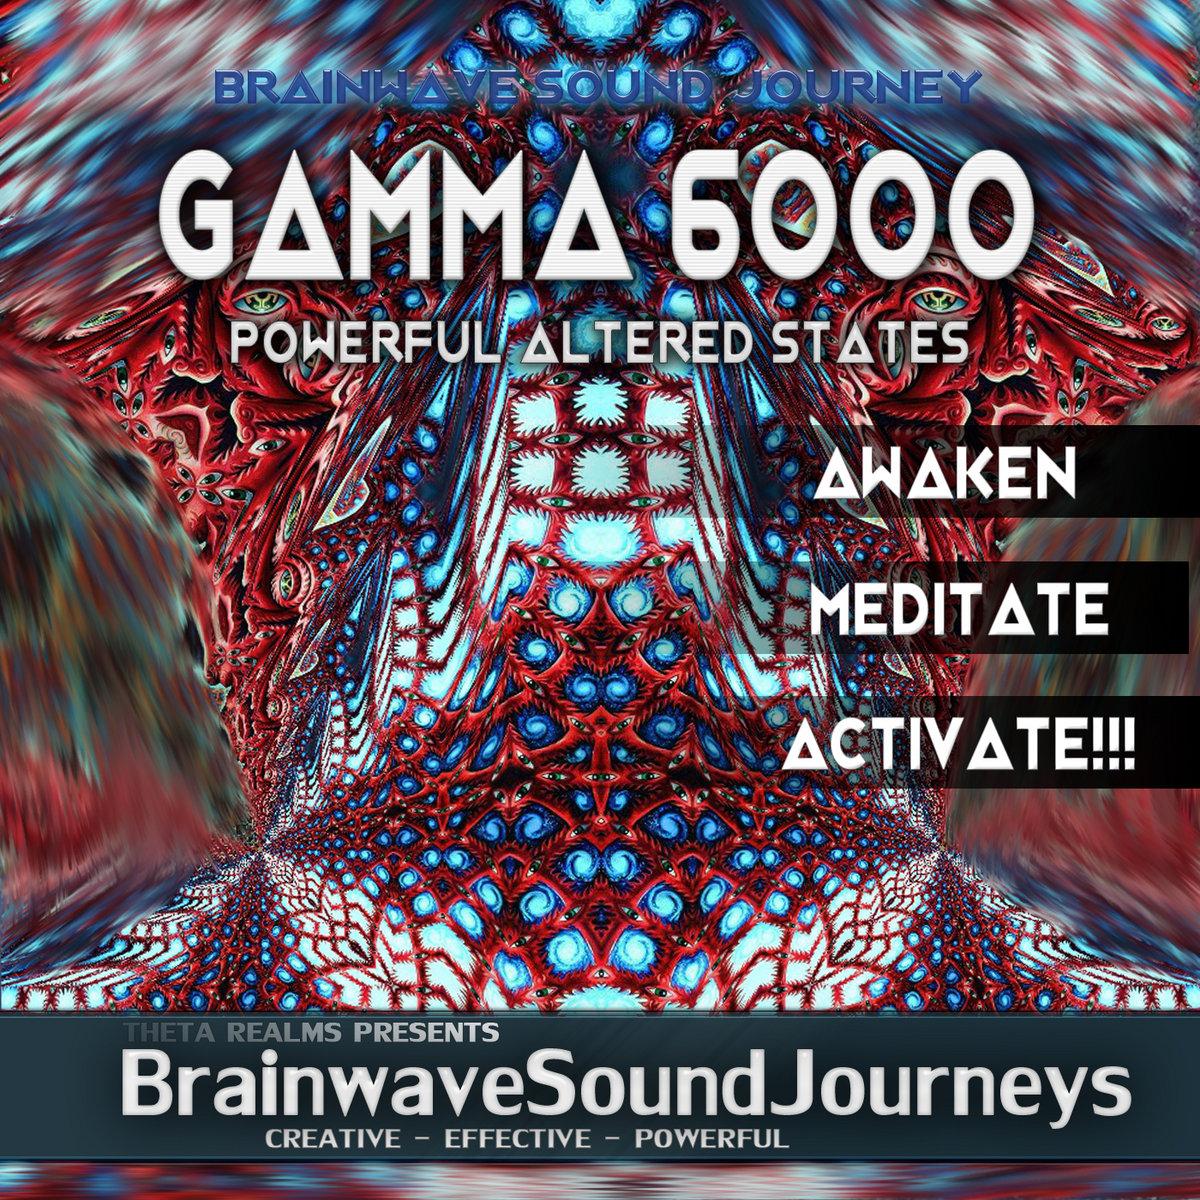 GAMMA 6000 - VOL 2 GAMMA THETA MEDITATION | Theta Realms - Binaural